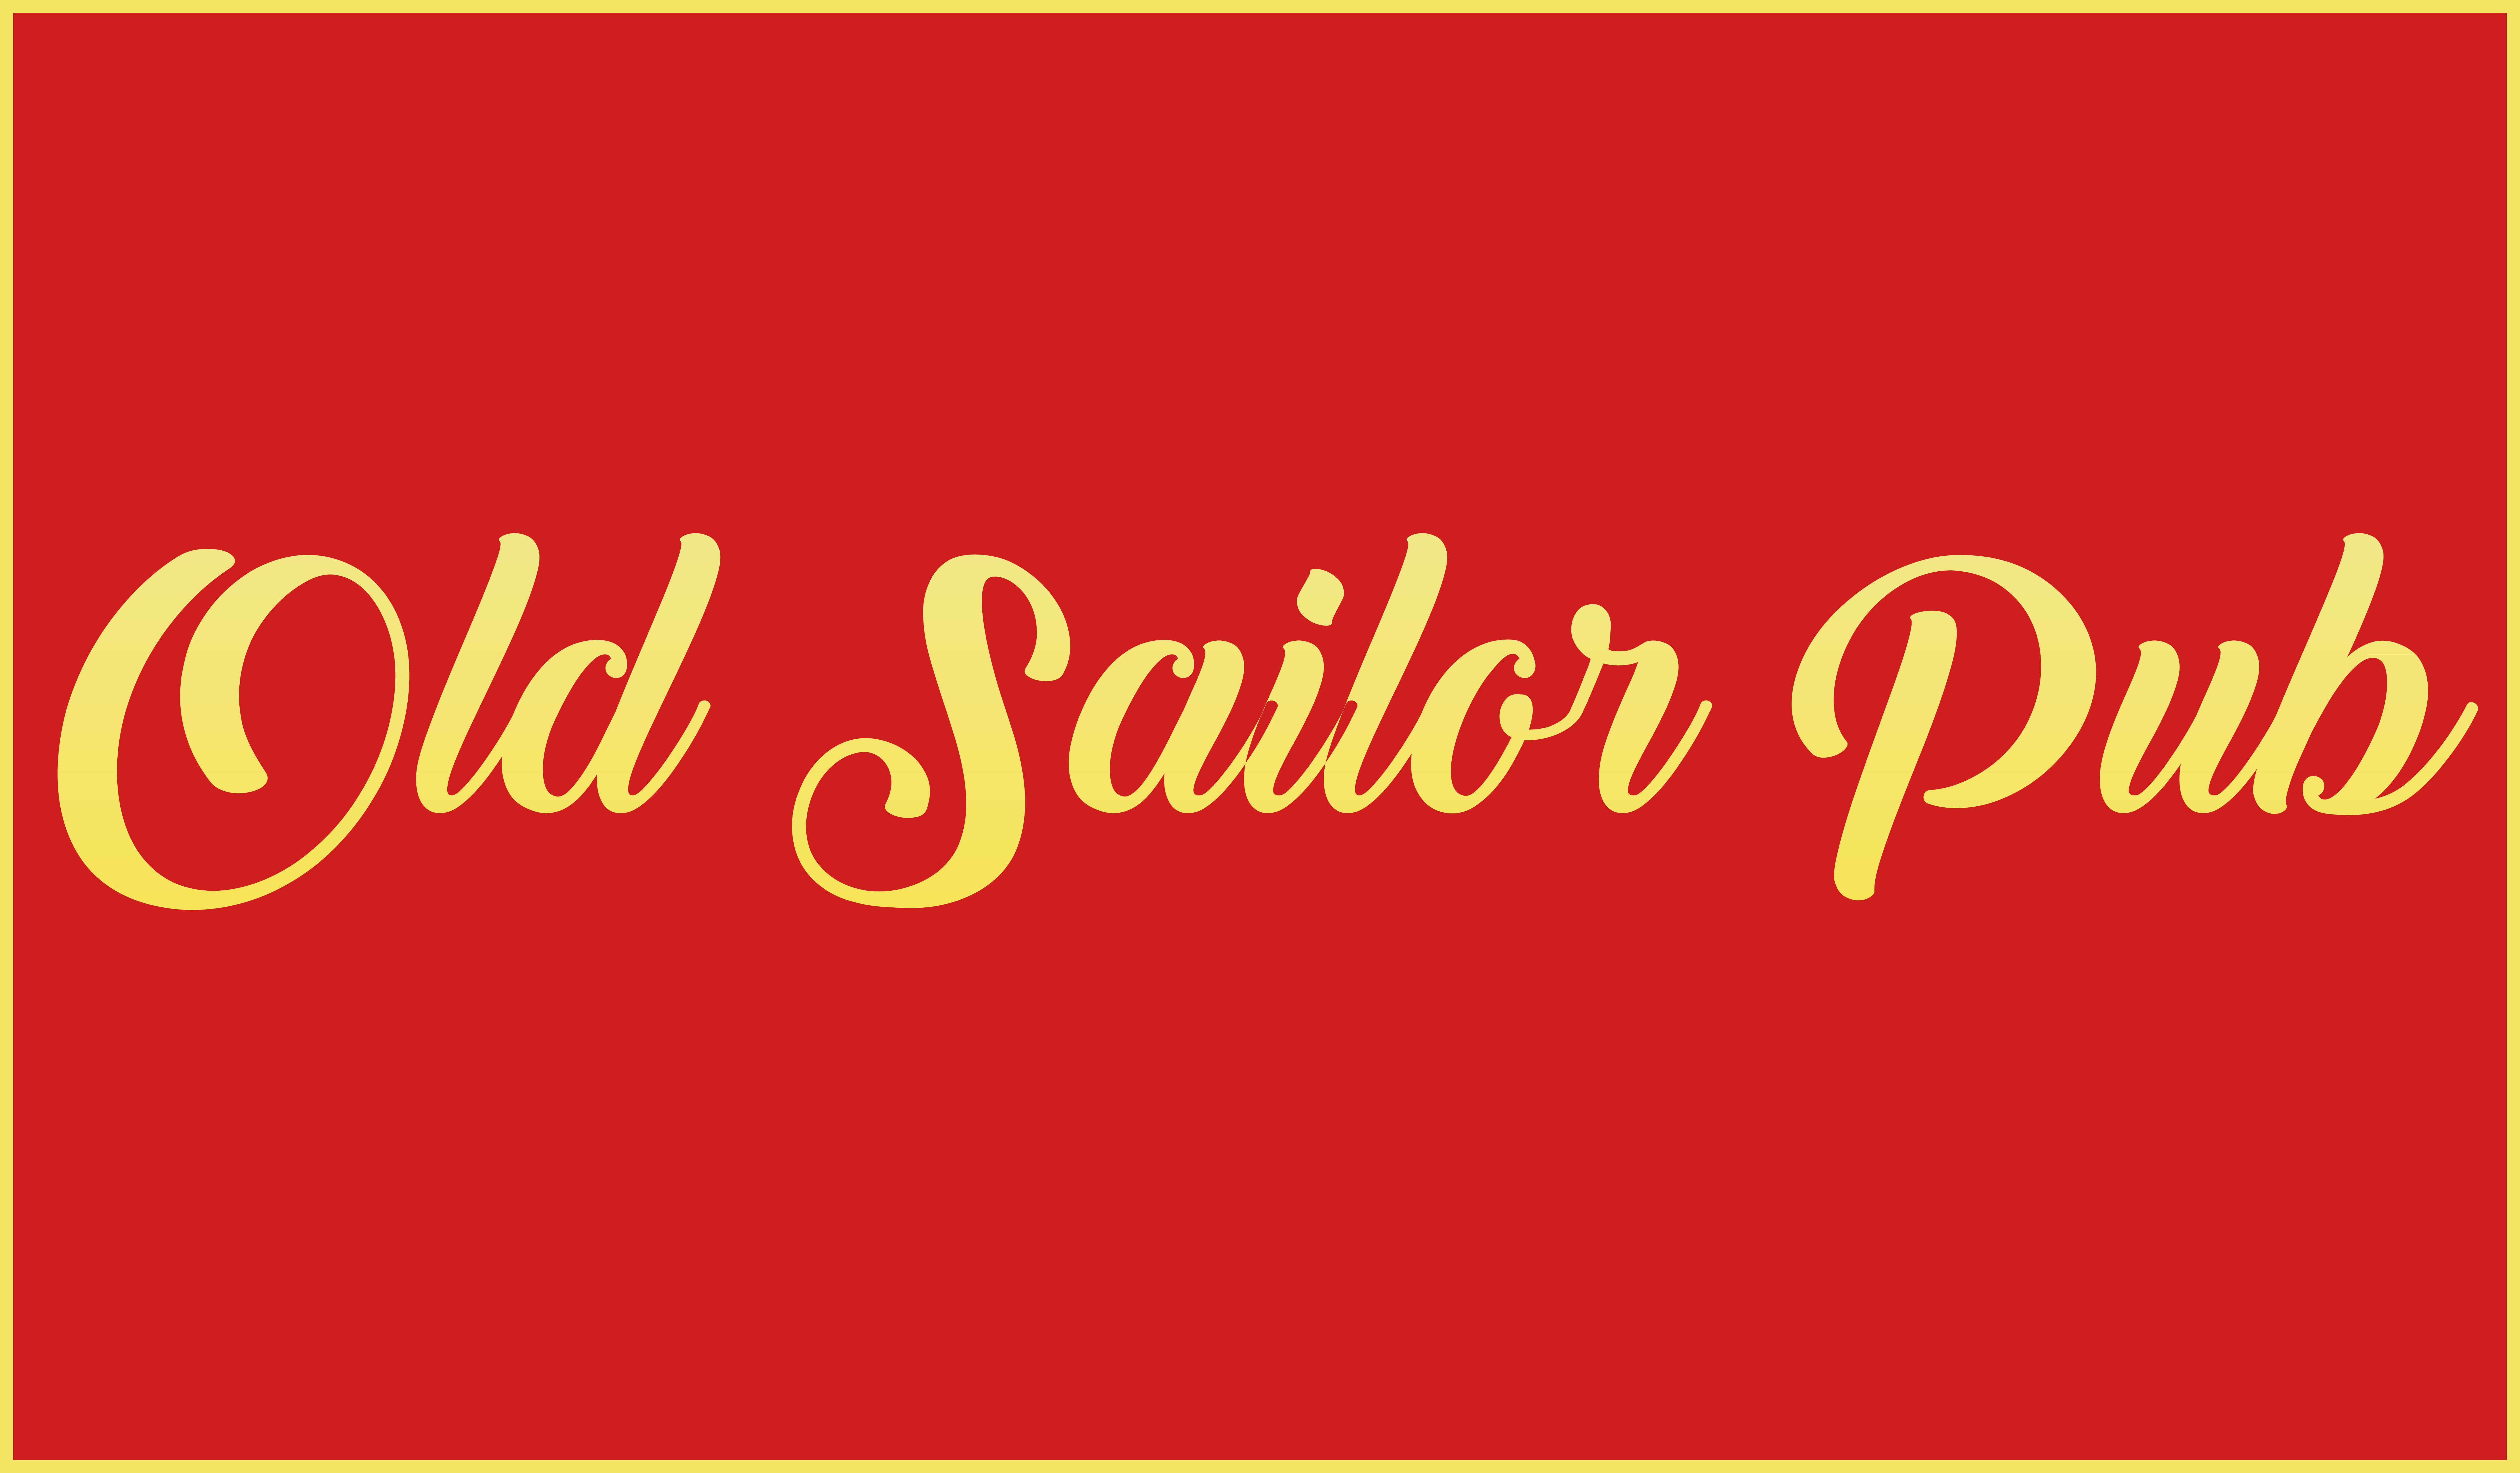 Old-Sailor-stappeninalbufeira